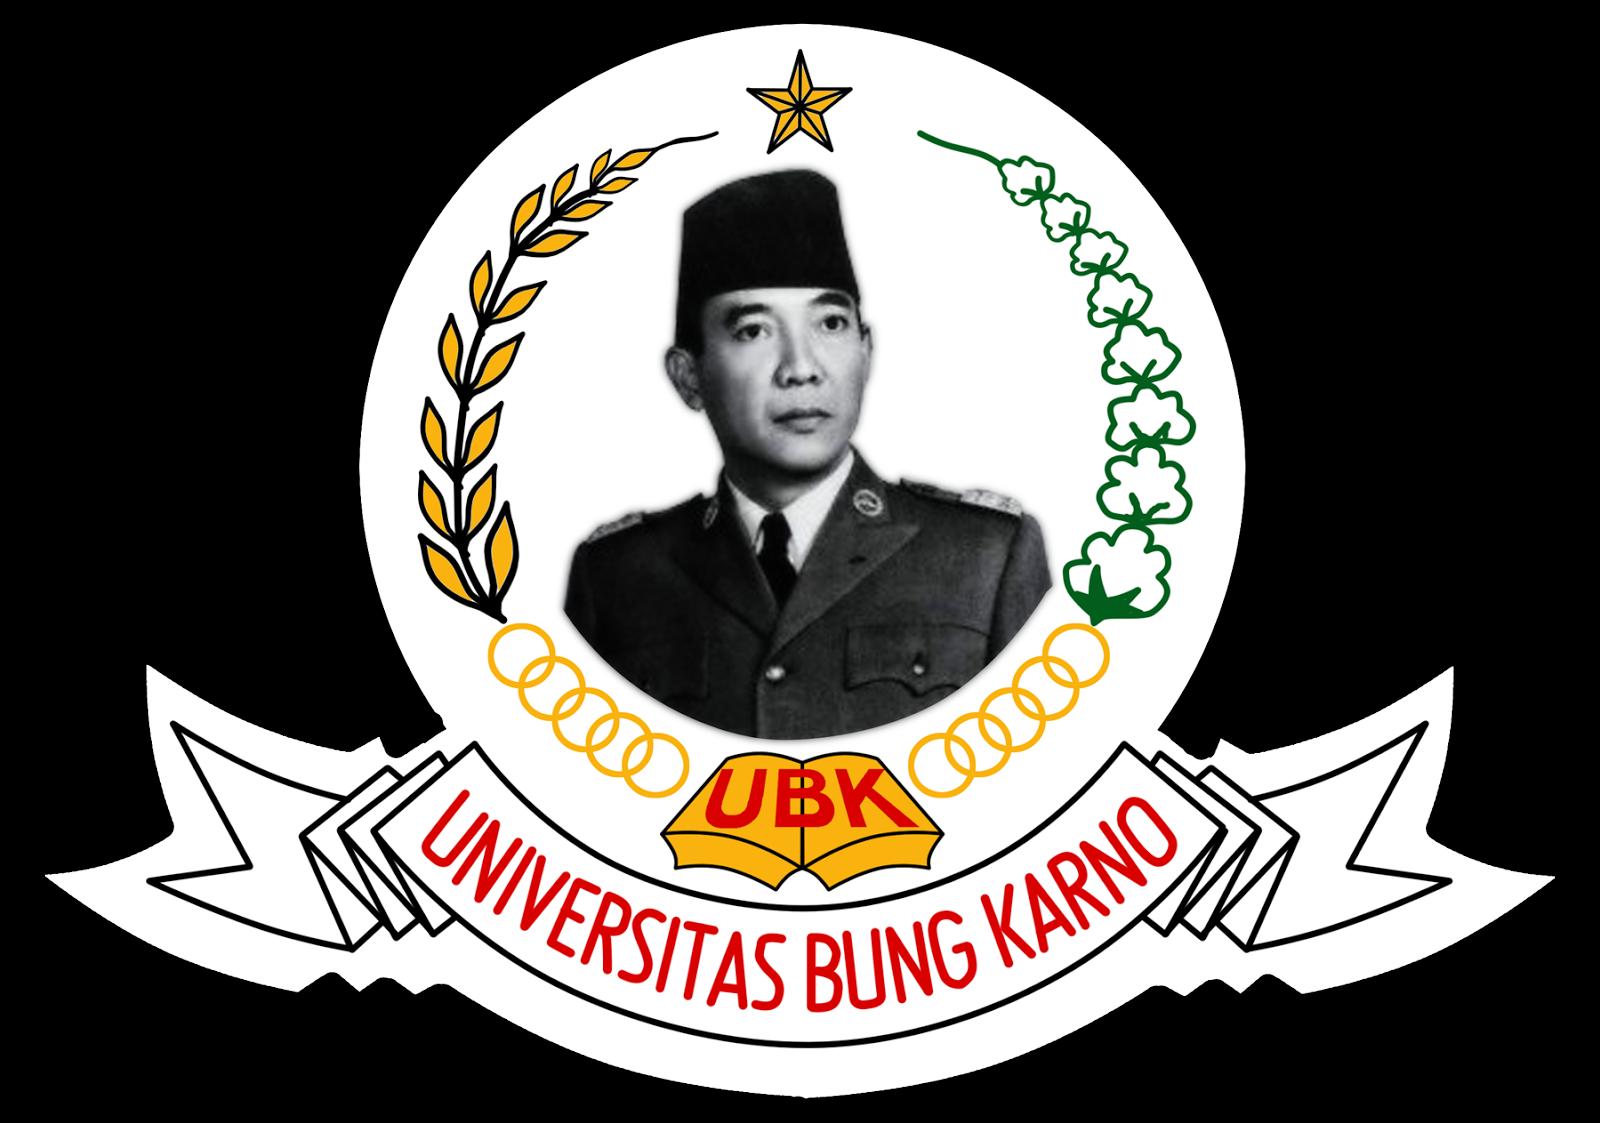 Pendaftaran Kuliah di Universitas Bung Karno (UBK) TA 2017/2018.